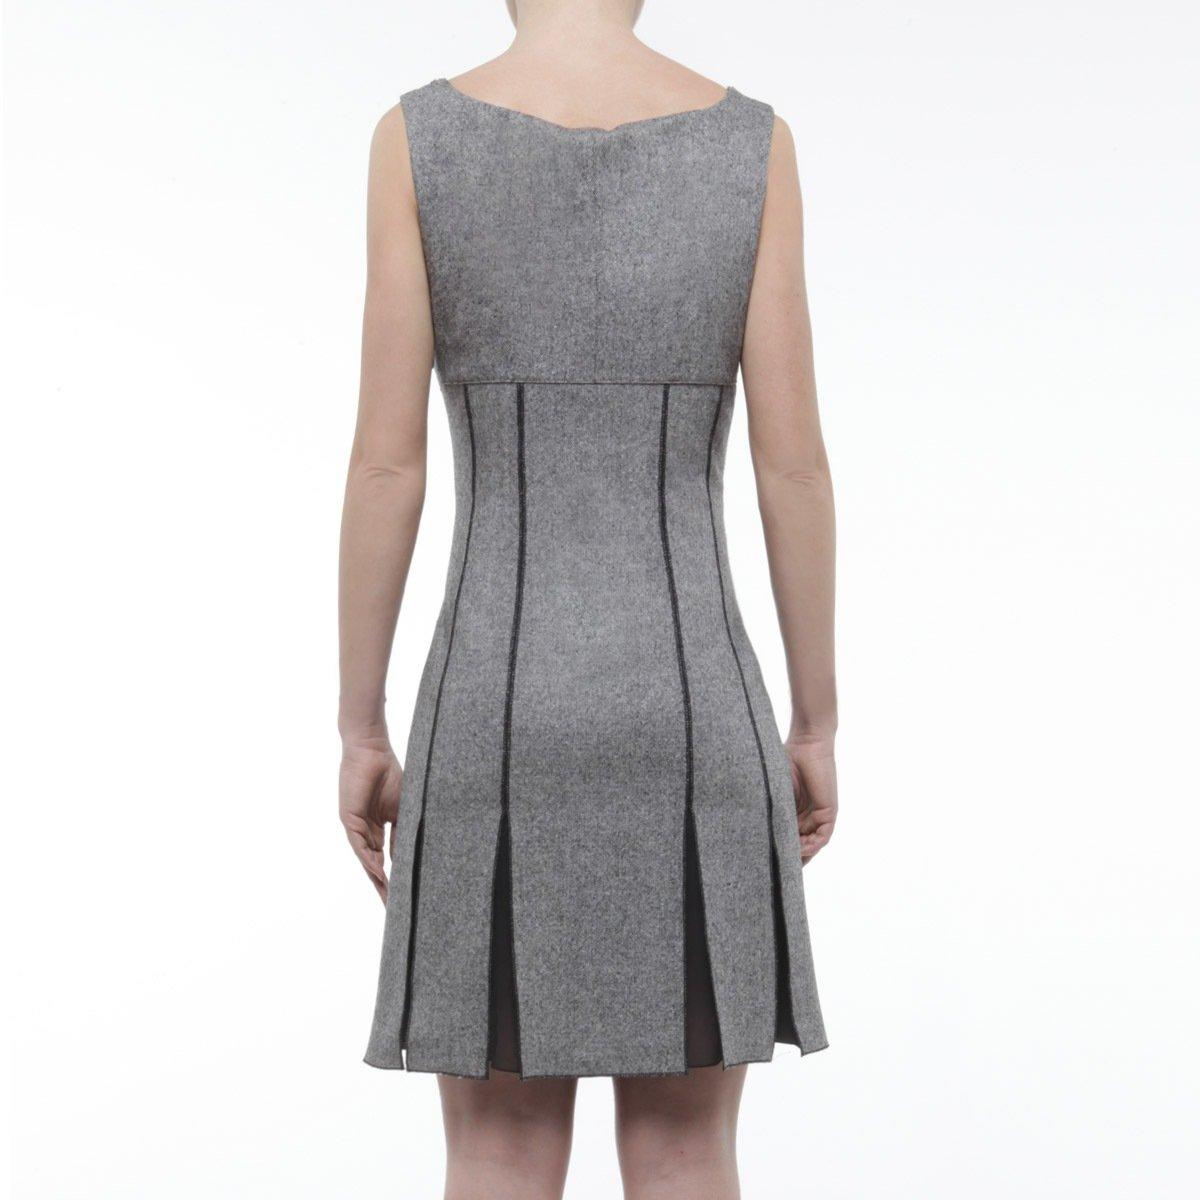 Blugirl by Blumarine abito grigio lana senza maniche